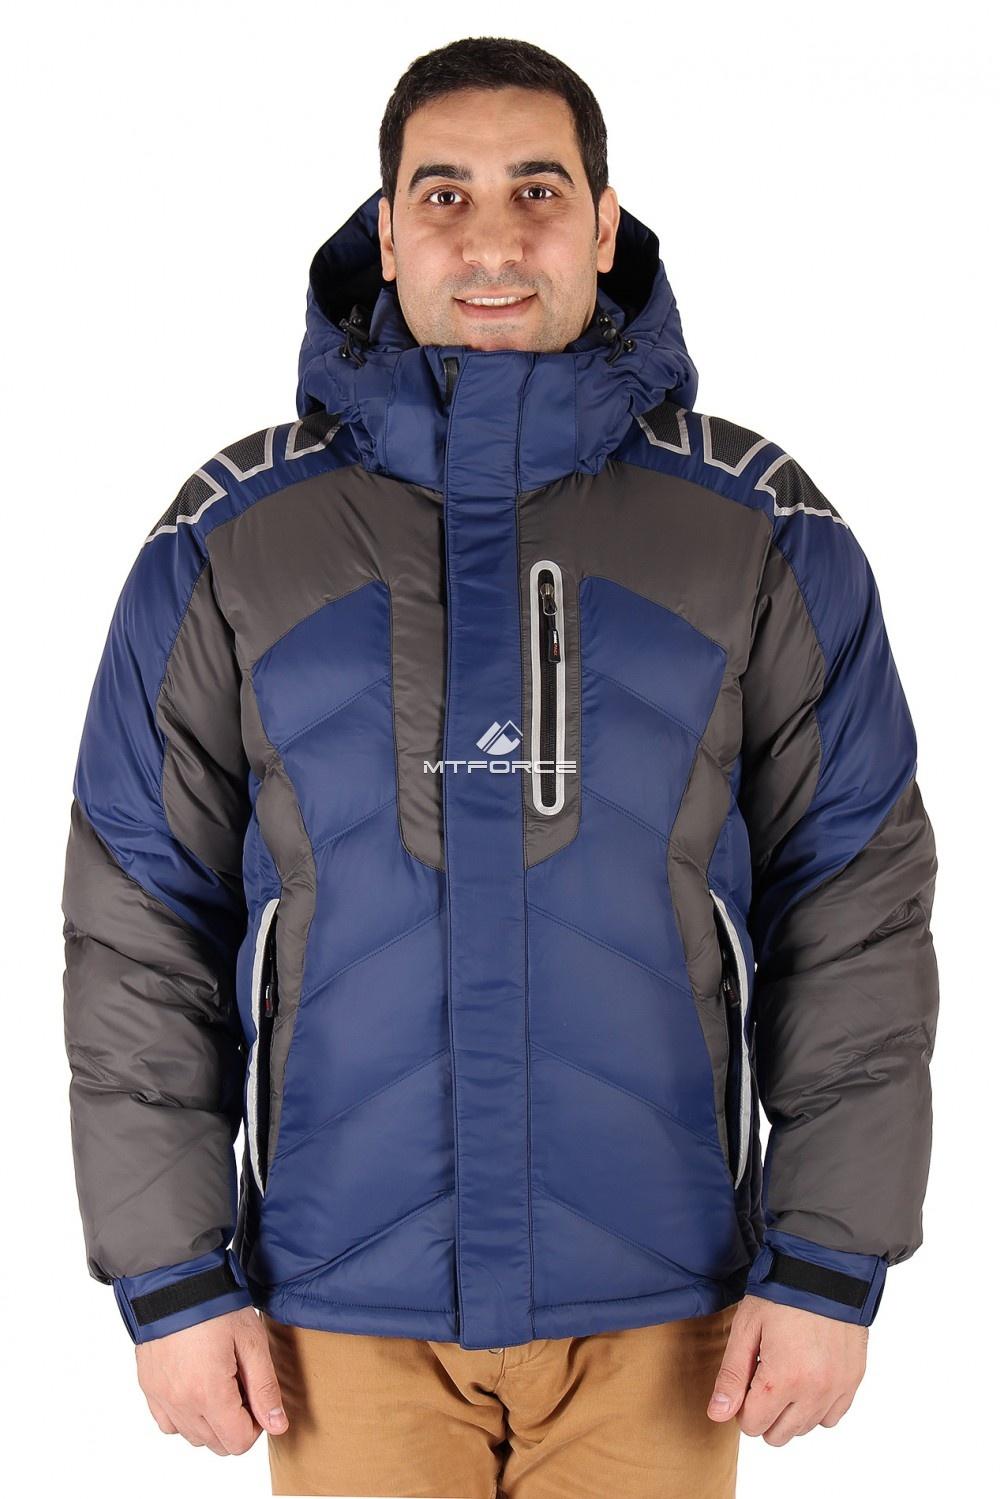 Купить                                  оптом Куртка зимняя мужская темно-синего цвета 9439TS в Санкт-Петербурге